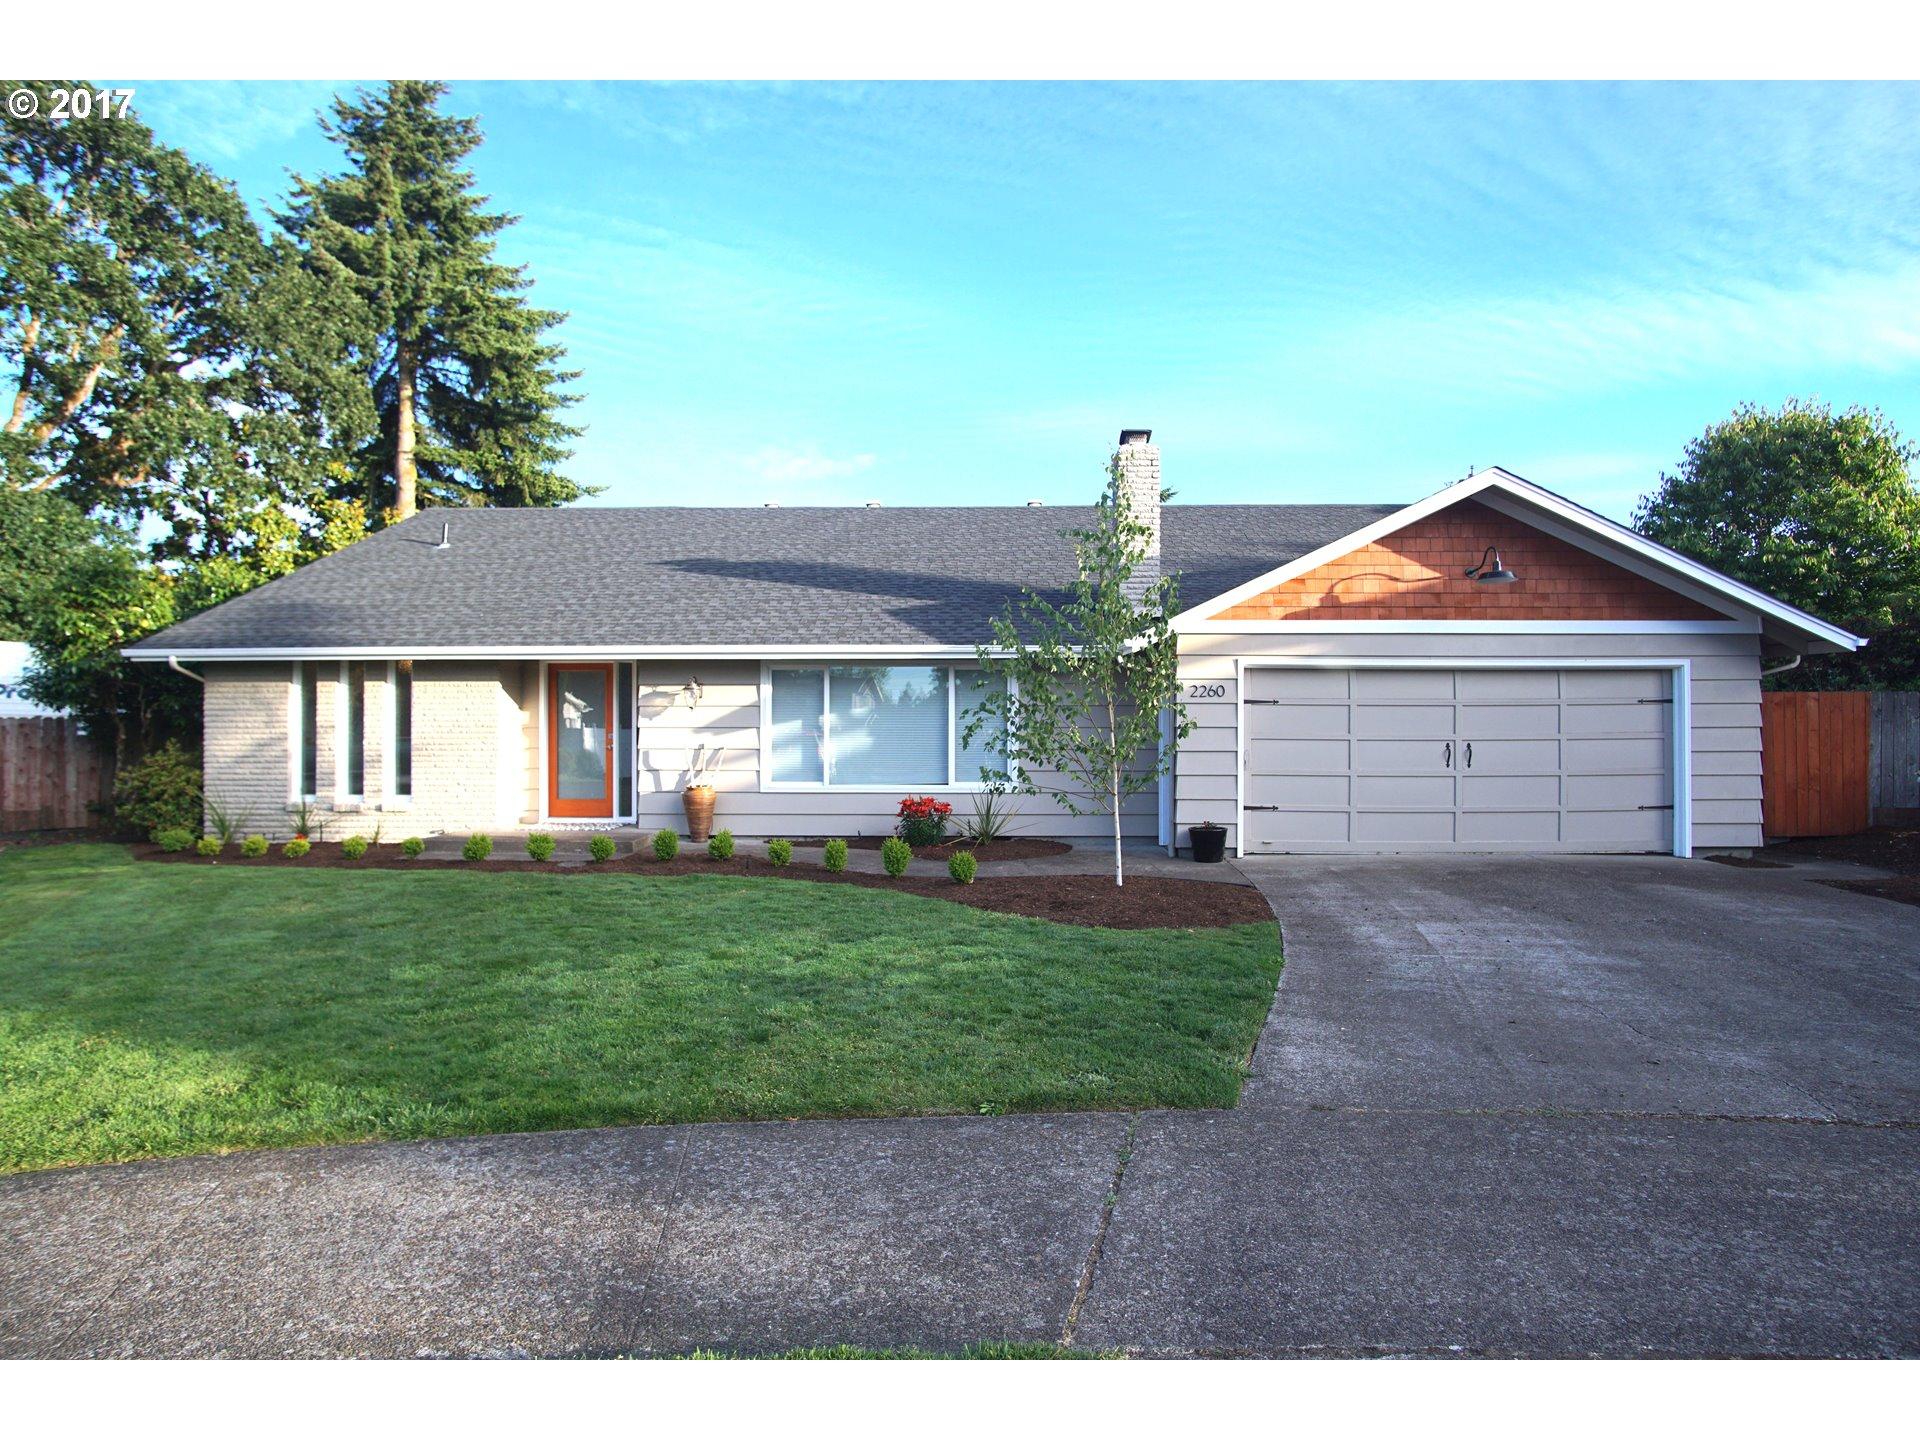 2260 ELYSIUM AVE, Eugene, OR 97401